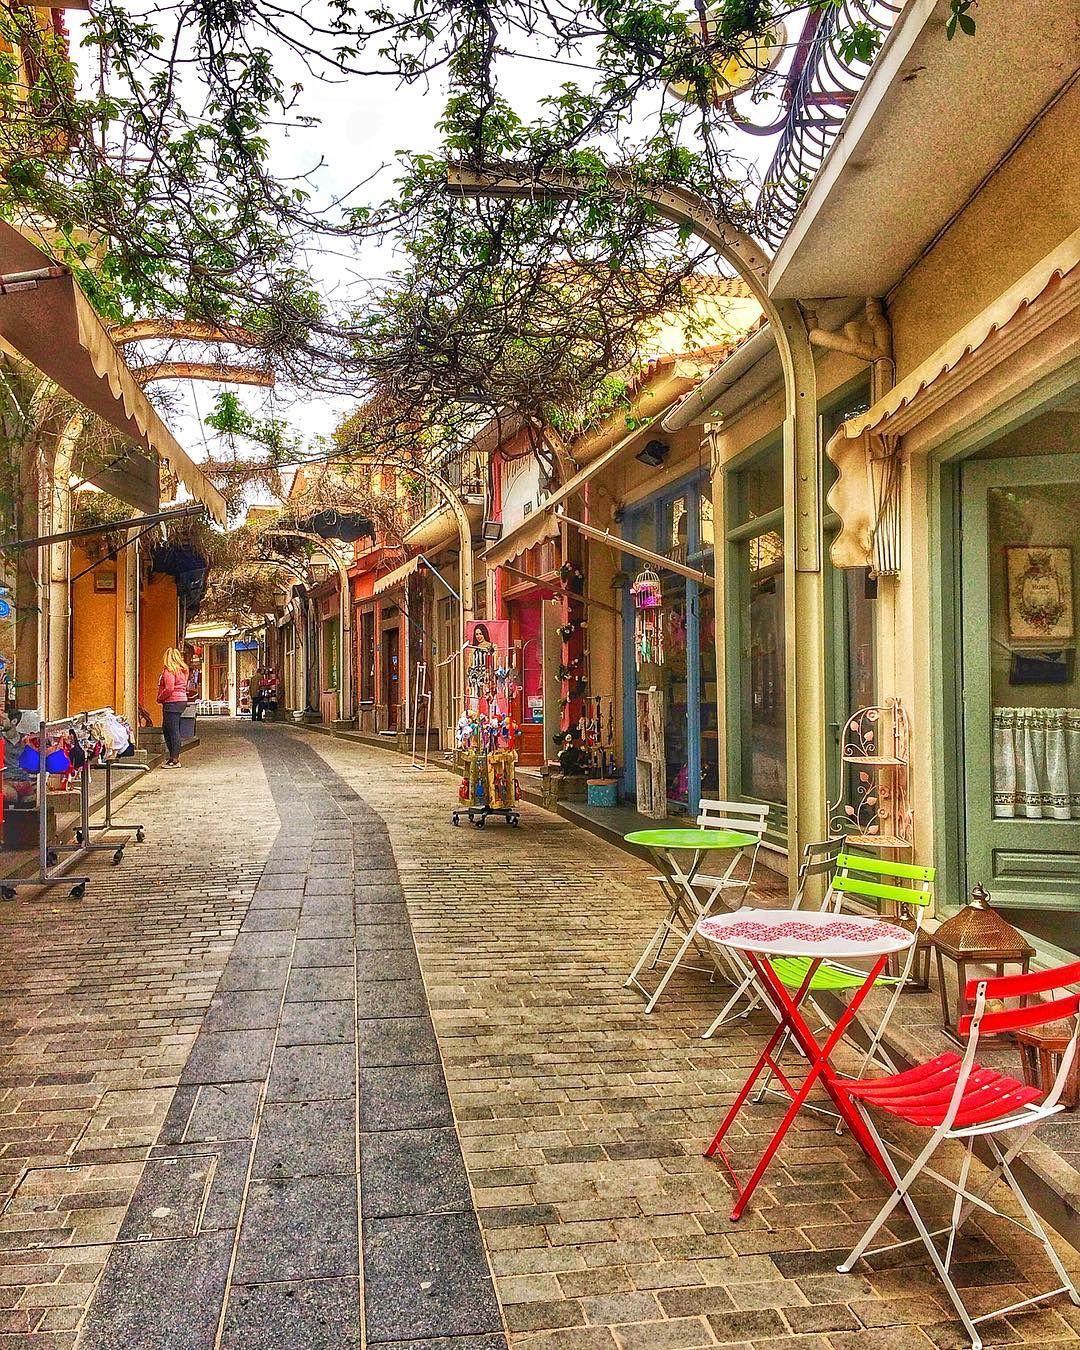 Αγορά Μύρινας | Λήμνος 📷: Eirini Zervidi | Ελλάδα, Ταξίδια, Νησί